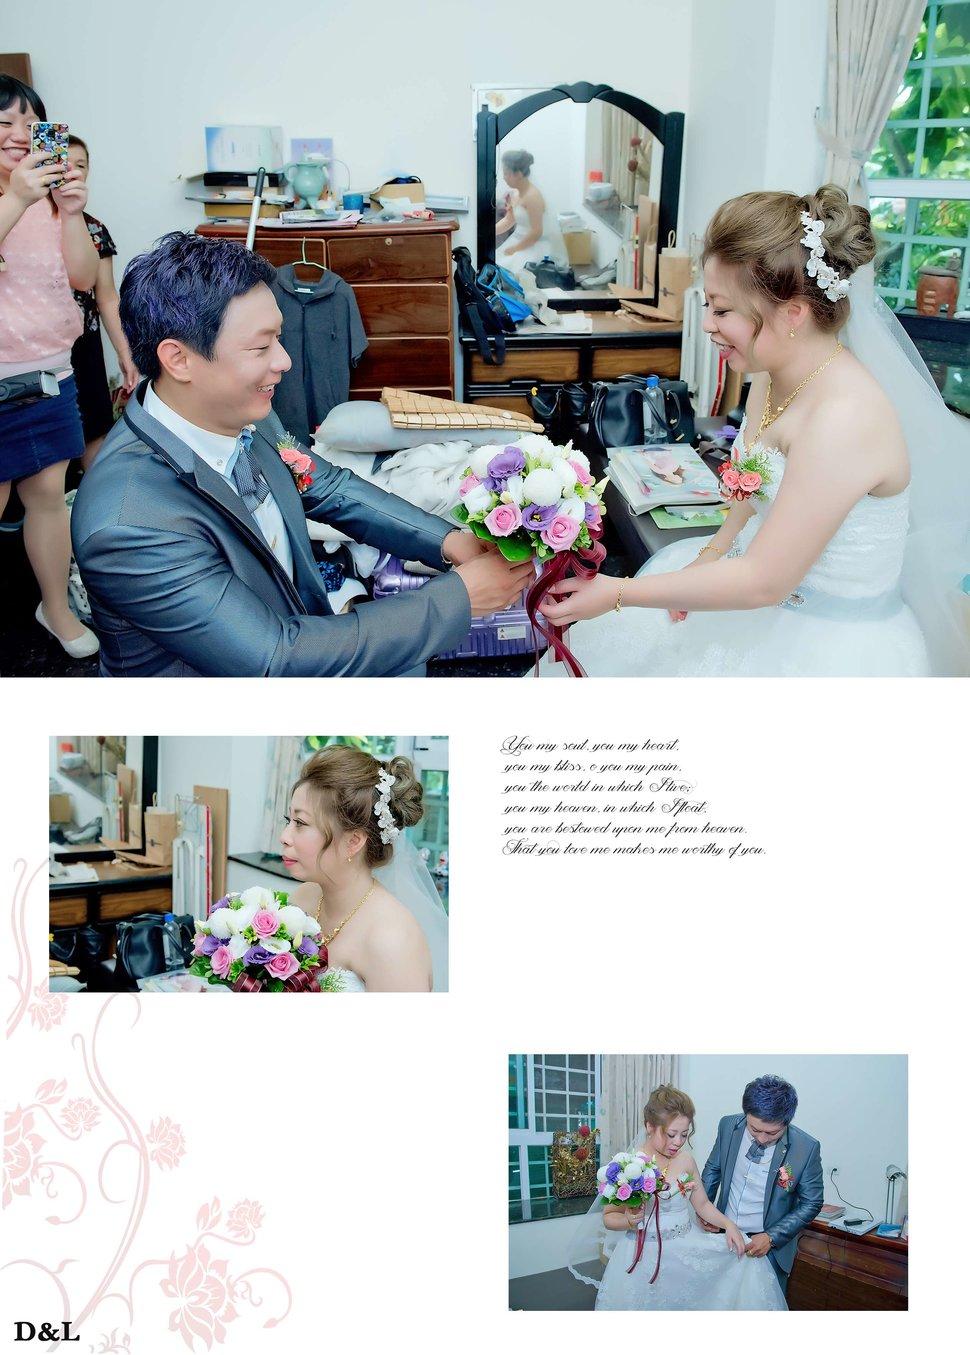 雲林婚攝 婚禮紀錄 敬添&綉芬 喜洋洋宴會廳雲林(編號:253233) - D&L 婚禮事務-婚紗攝影/婚禮記錄 - 結婚吧